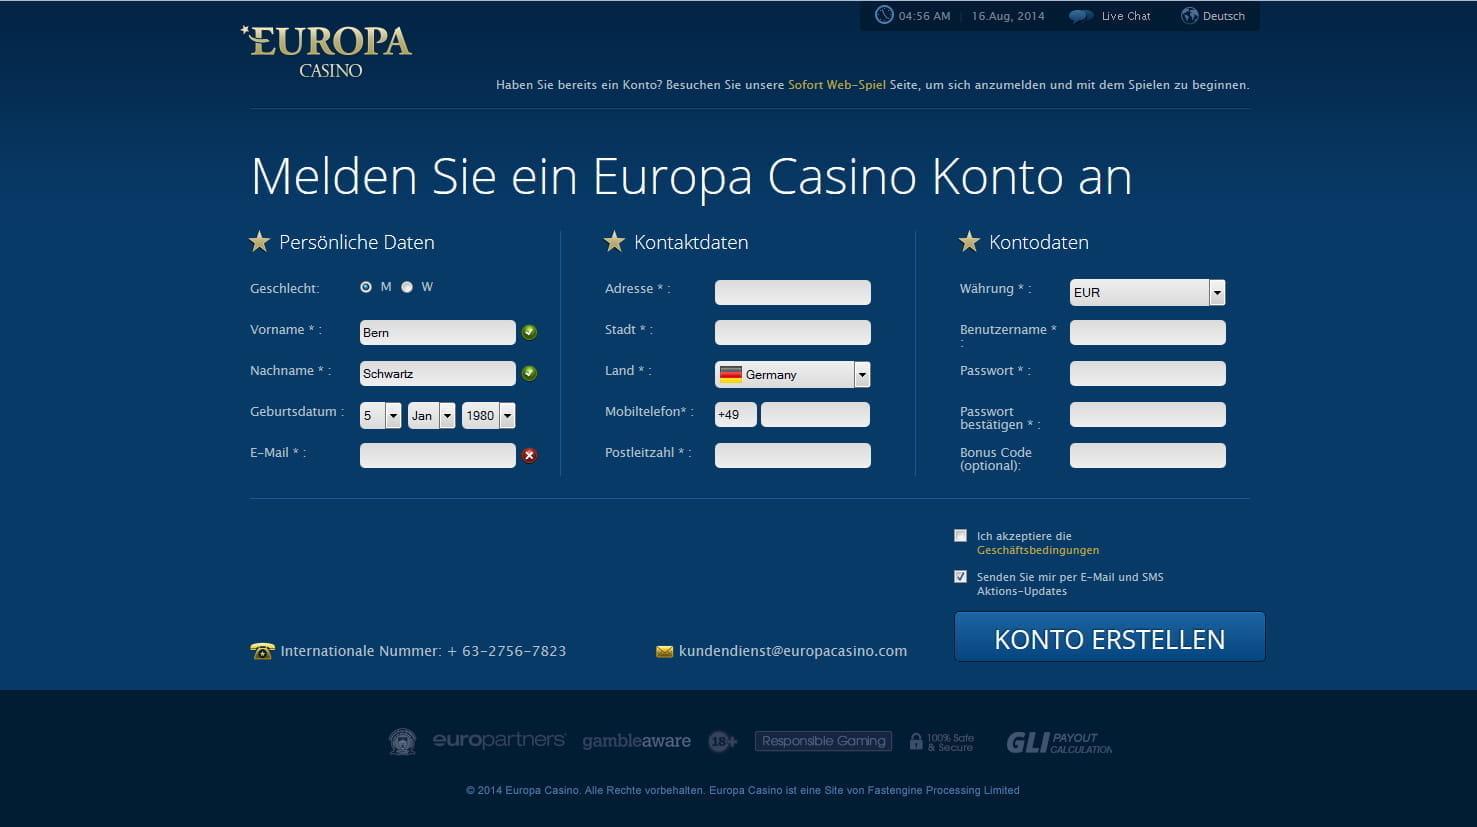 Europa casino bonus code 2013 casino club dado